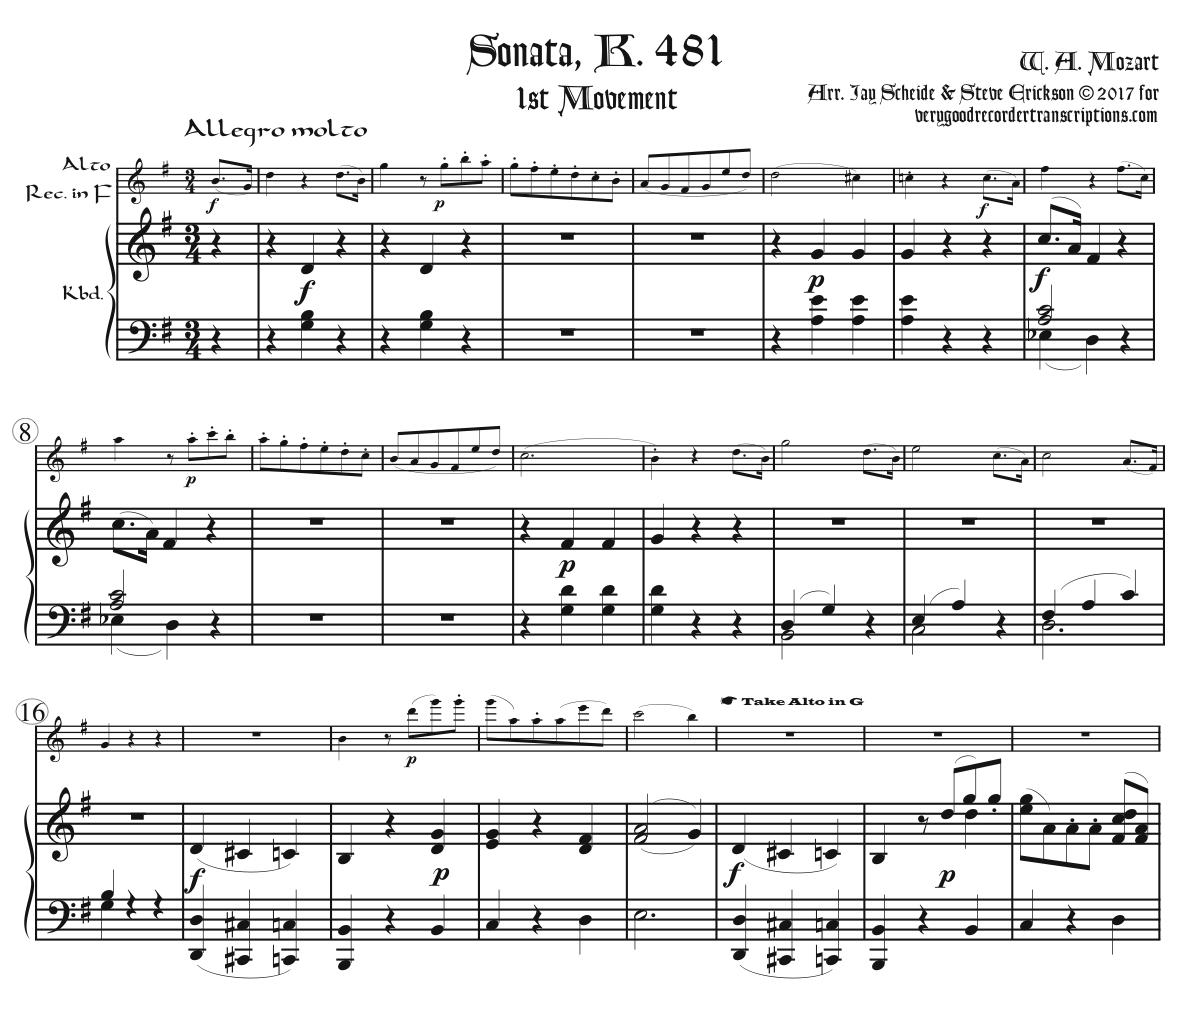 Sonata K. 481, arr. for alto in F doubling alto in G